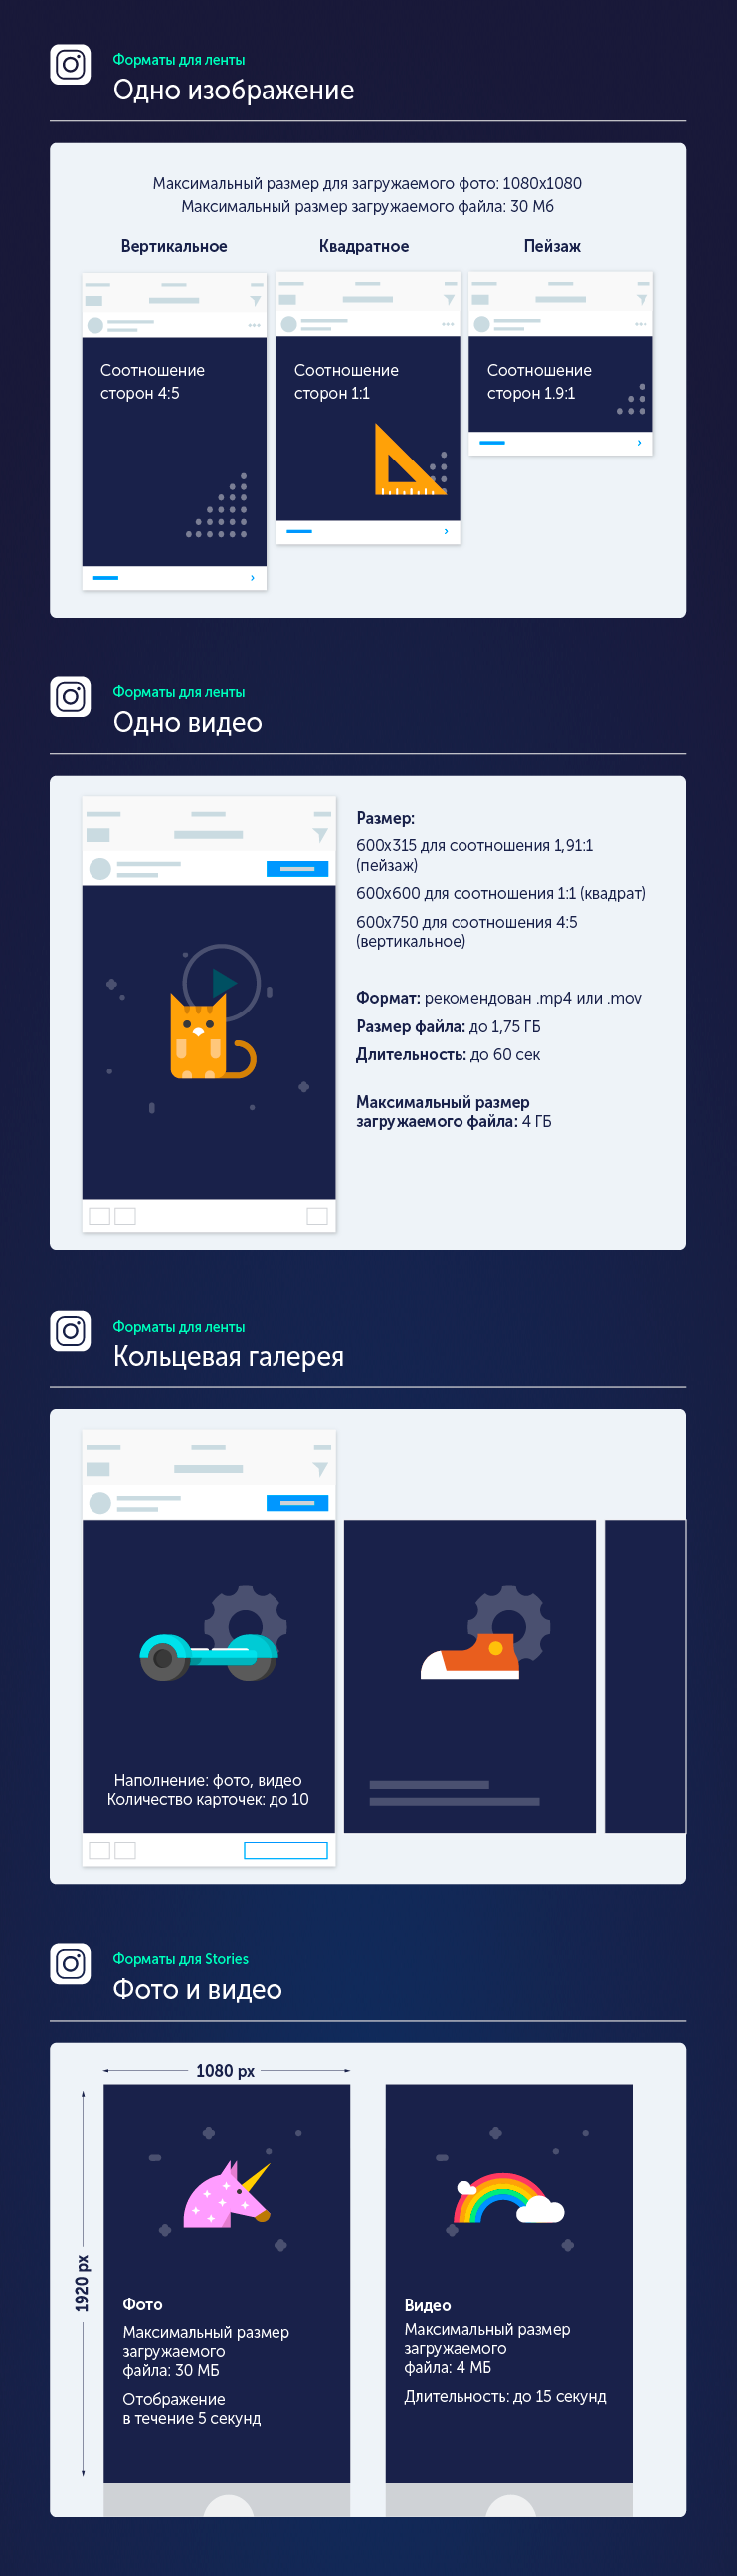 formaty-i-razmery-dlya-kreativov-v-instagram-png.35